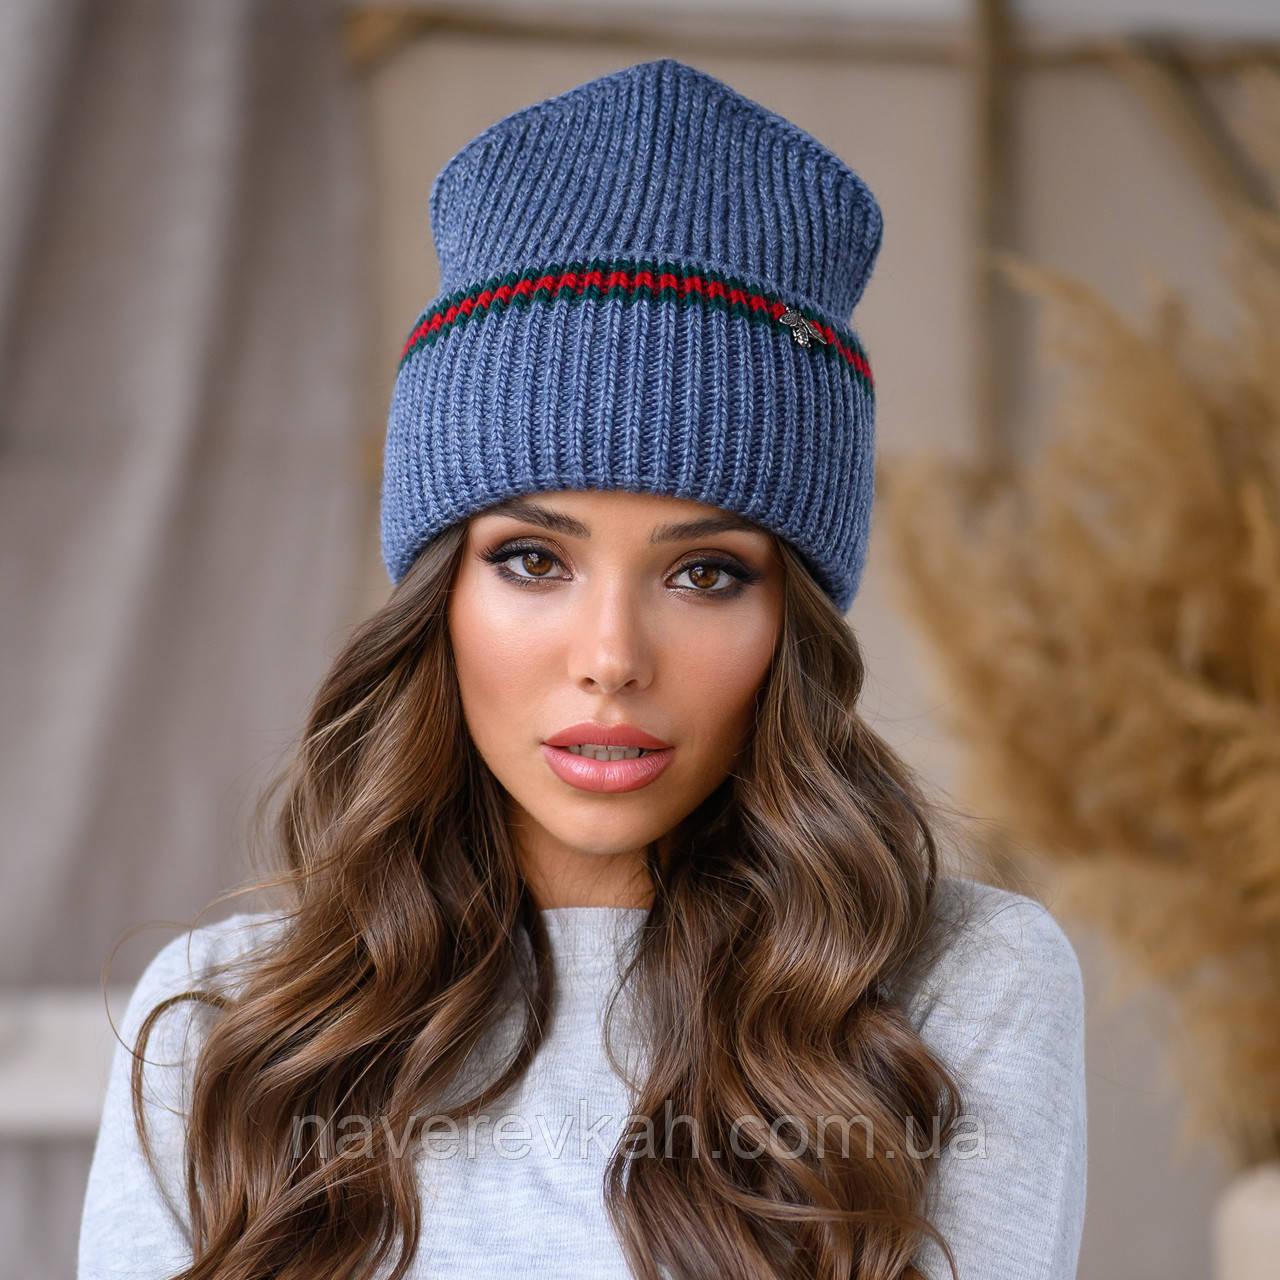 Женская зимняя теплая шапка пряжа с полоской